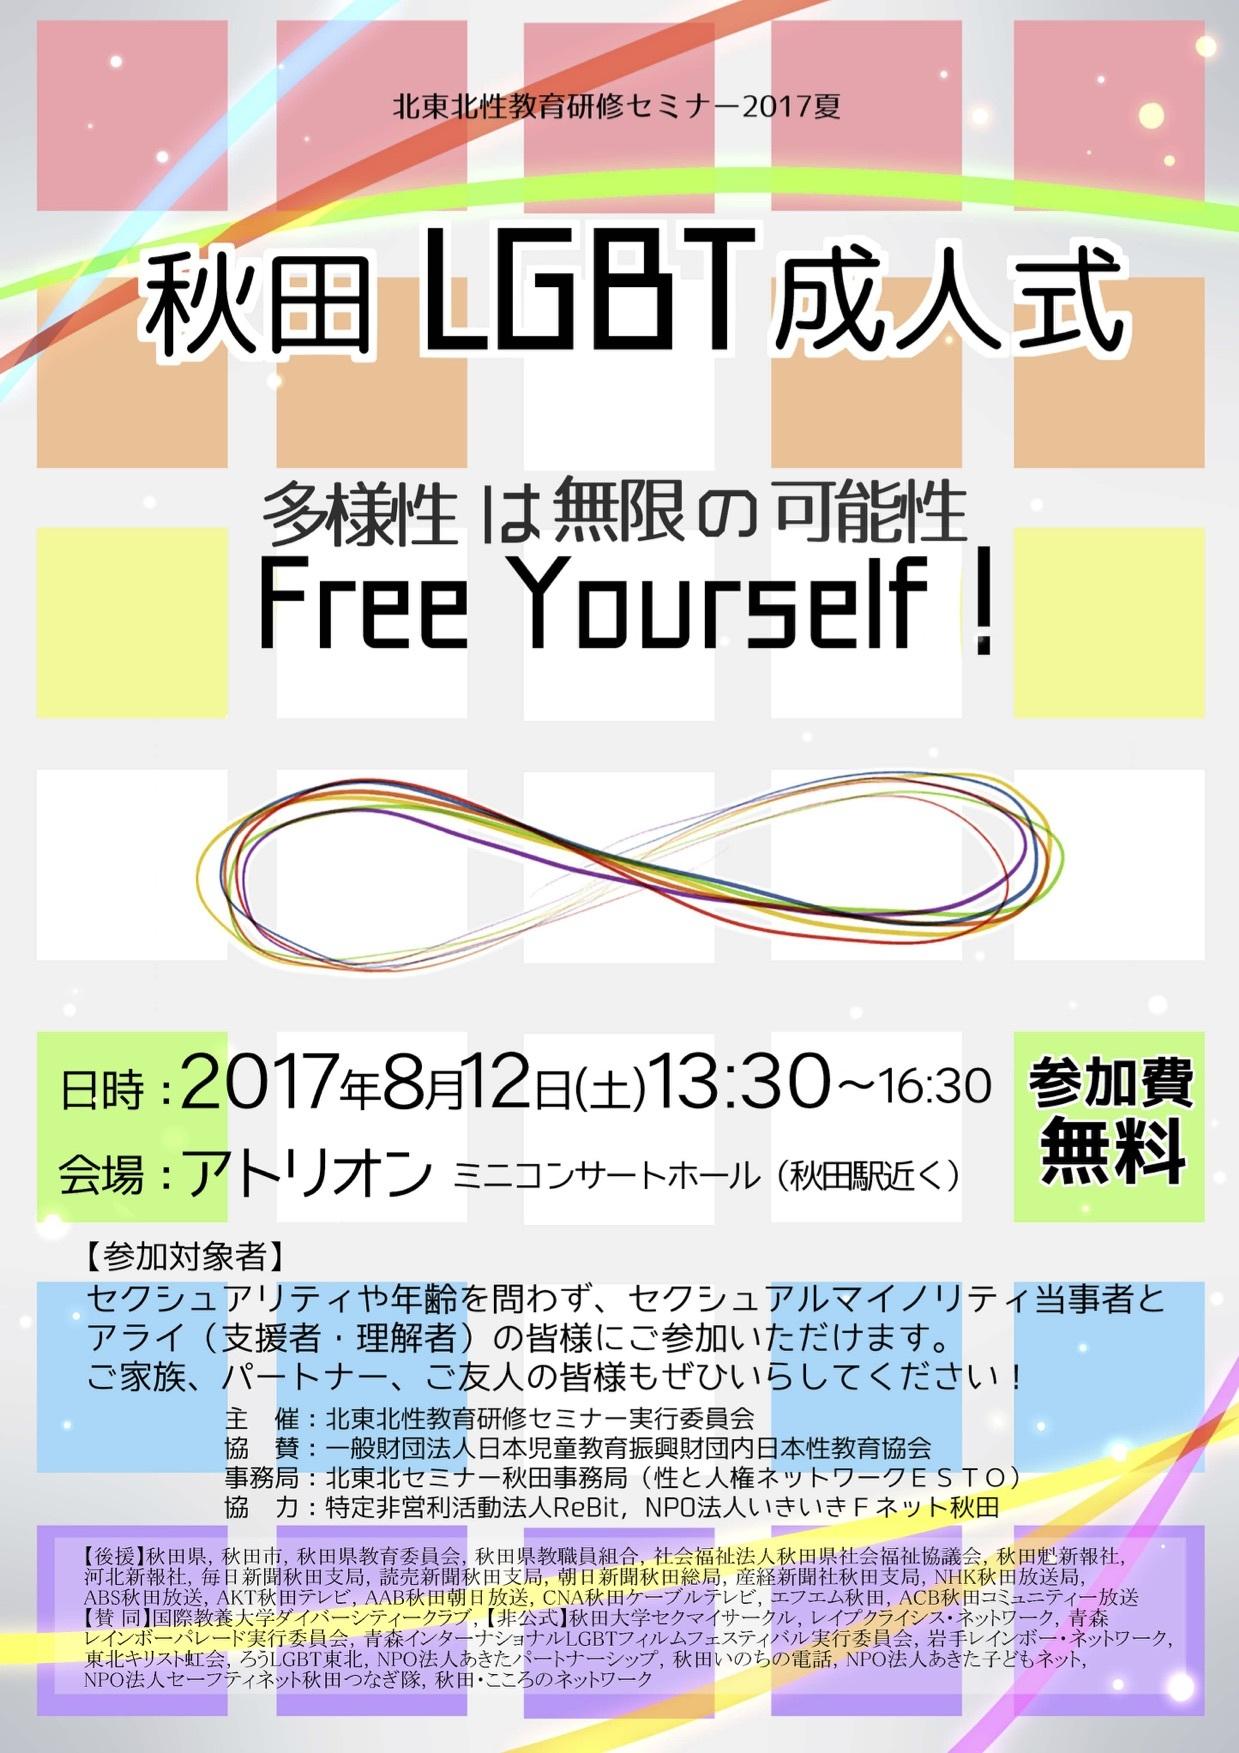 「秋田LGBT成人式-多様性は無限の可能性/Free Yourself!-」_a0103650_22091529.jpg